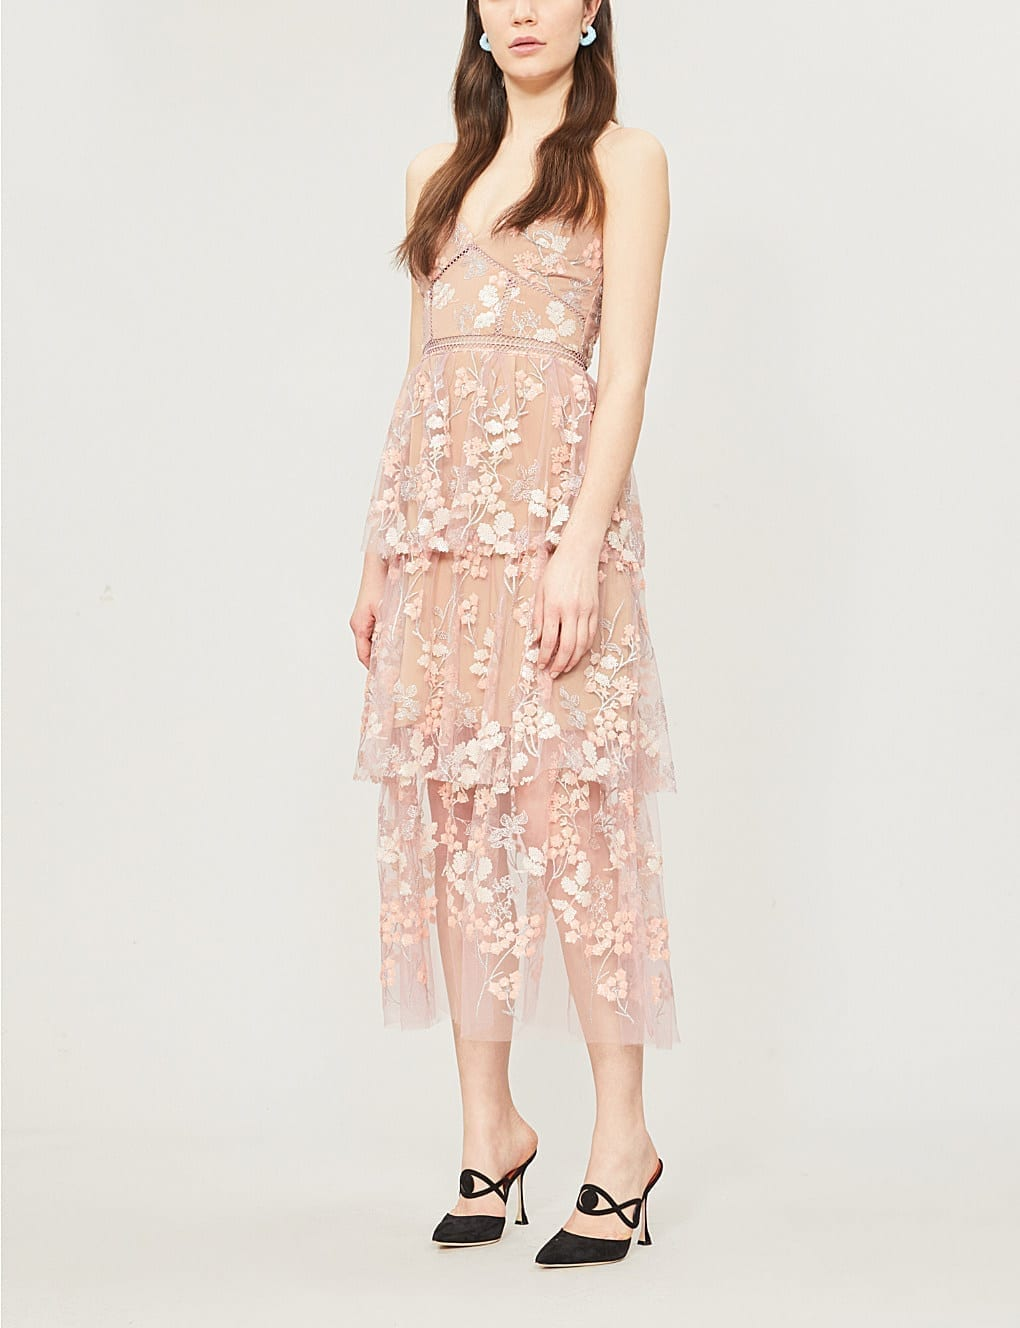 74d364bfdda7 SELF-PORTRAIT Floral Embellished Tulle Midi Pink Dress - We Select ...